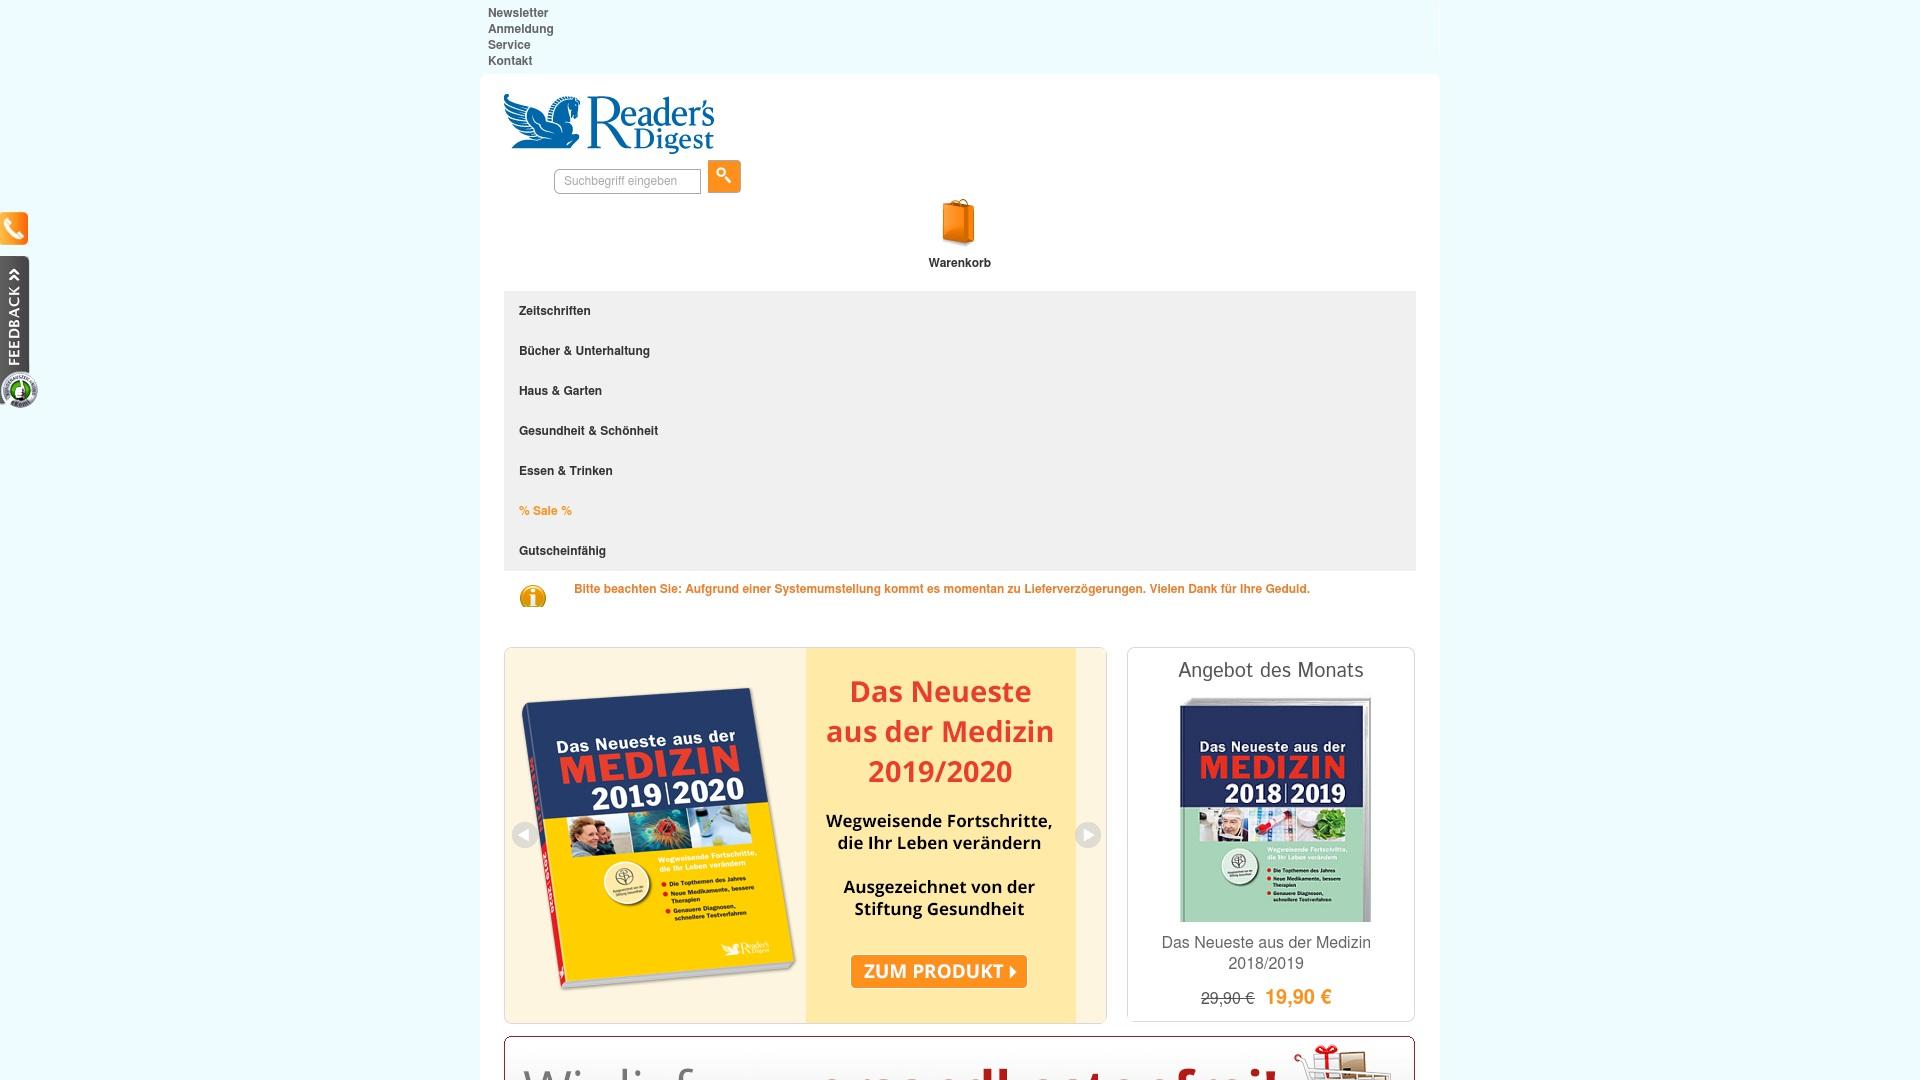 Gutschein für Readersdigest-shop: Rabatte für  Readersdigest-shop sichern